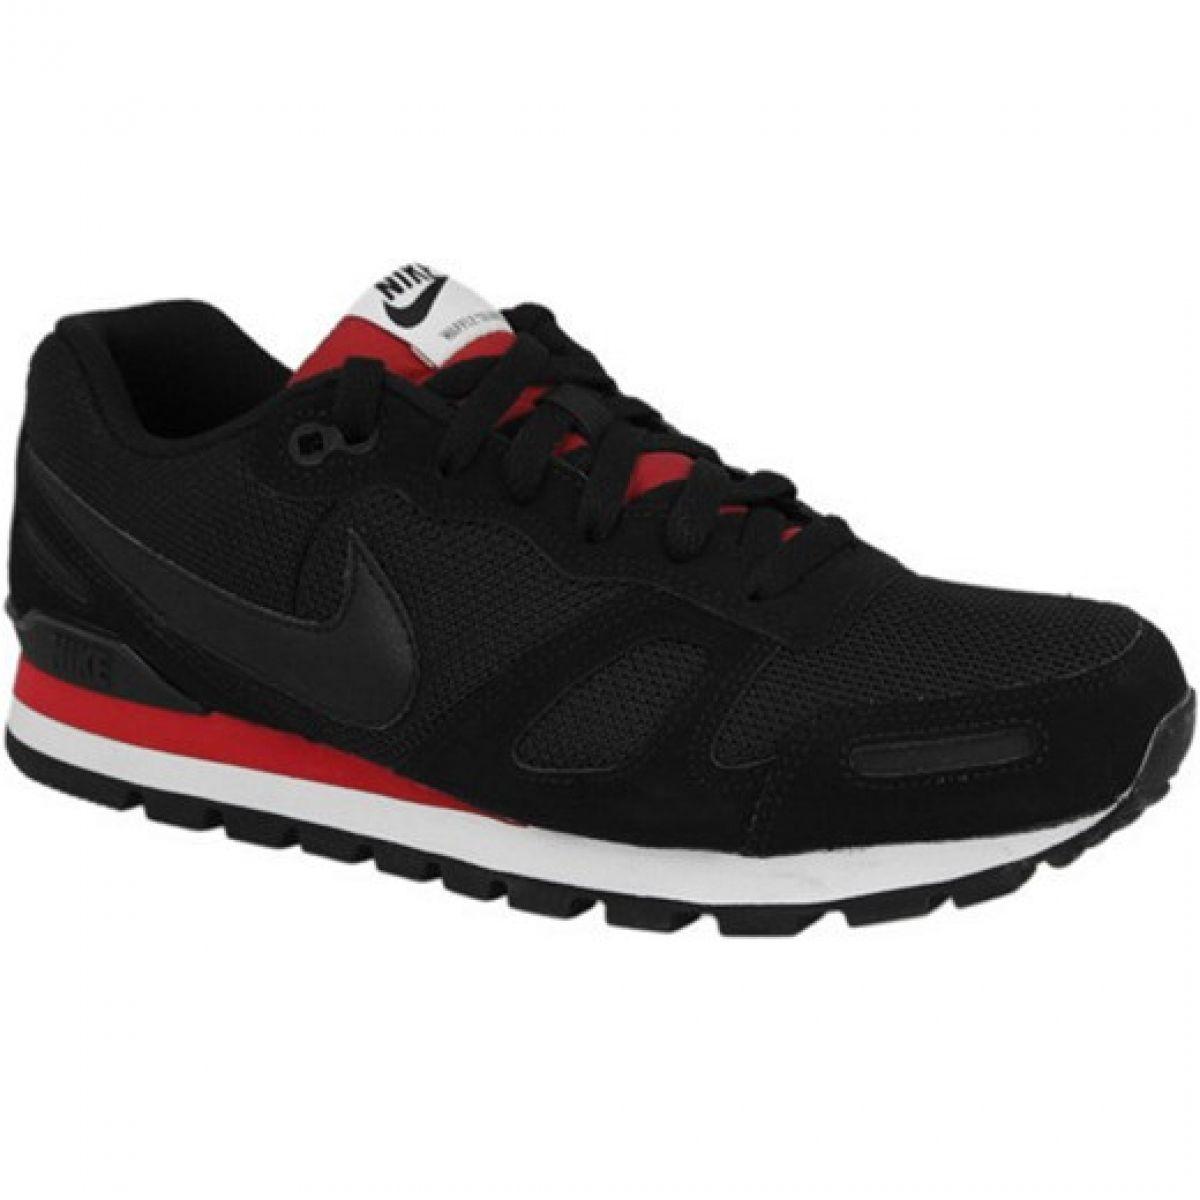 Buty Nike Air Waffle Trainer 429628-060 męskie czarne, rozm. 44.5, 45, 45.5 @ Agito